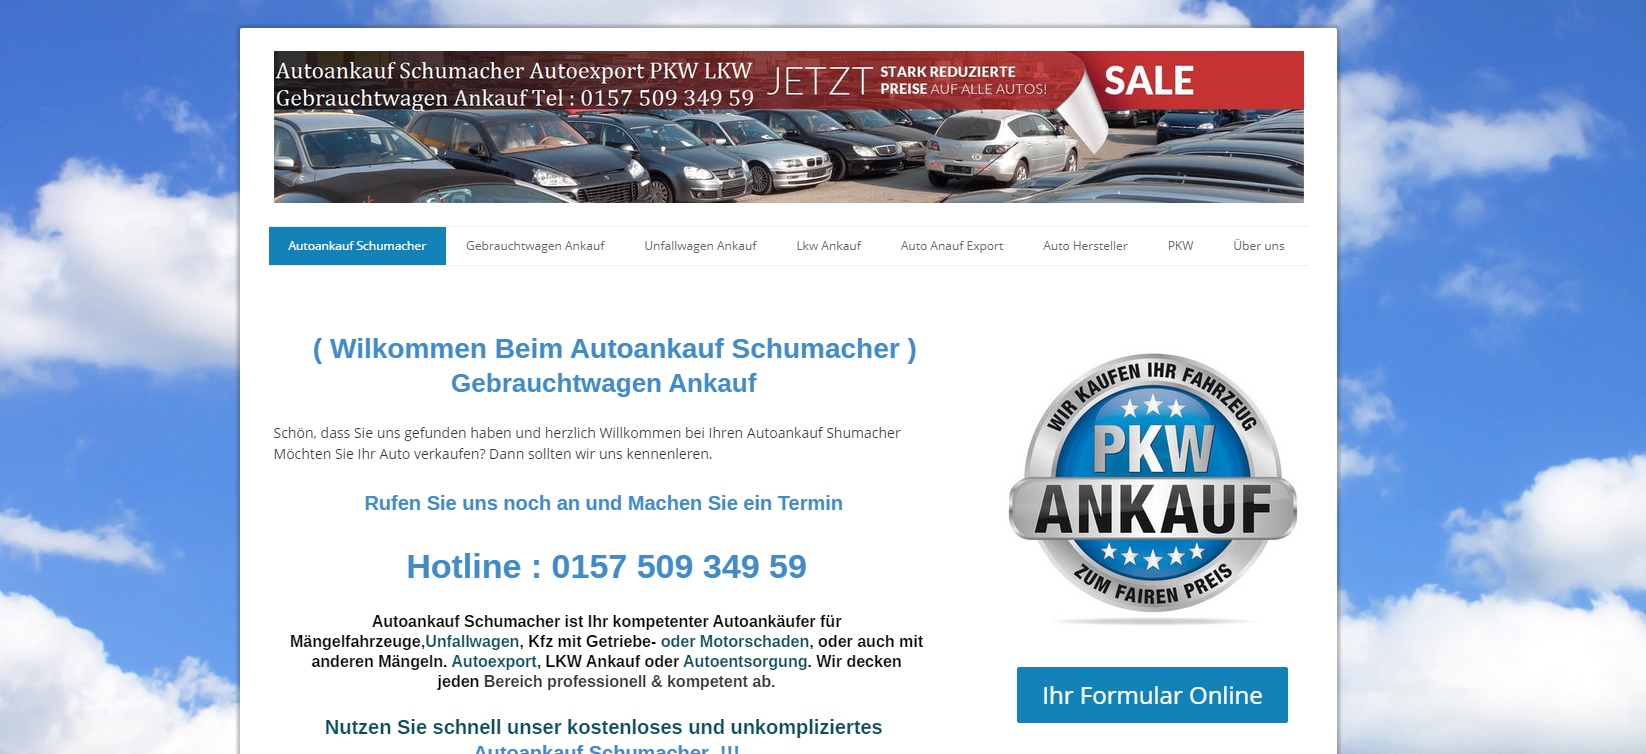 autoankauf-schumacher.de - Autoankauf Esslingen